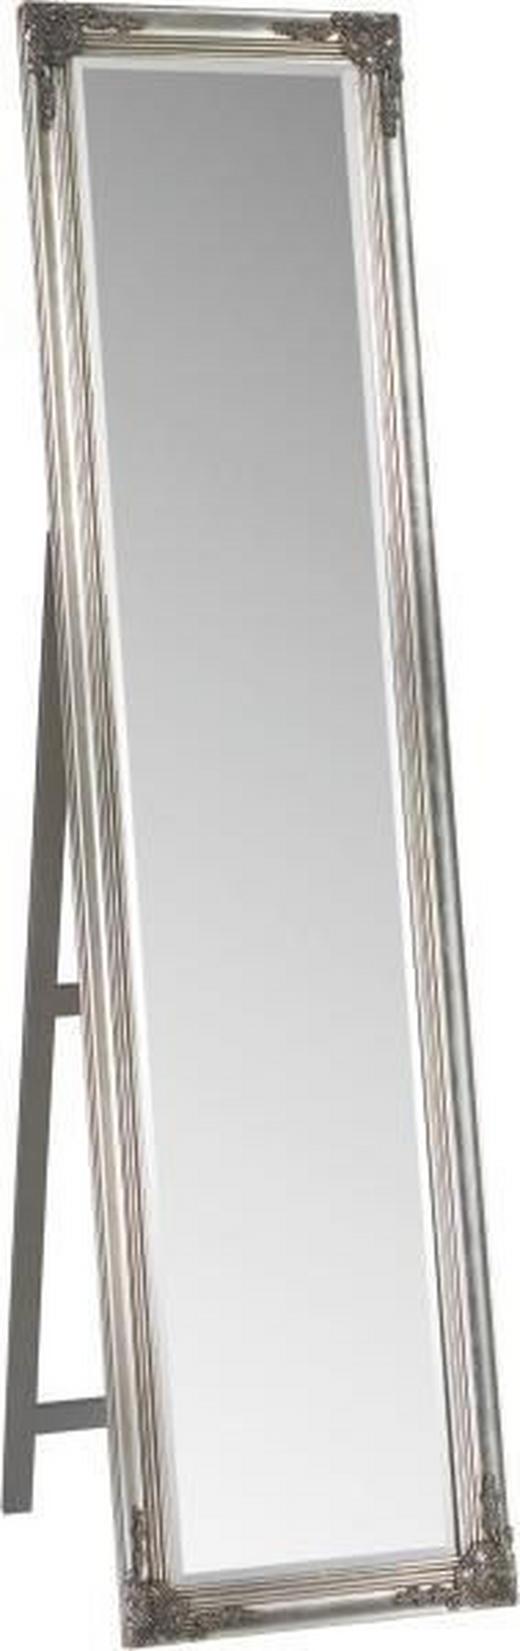 STOJACÍ ZRCADLO - barvy stříbra, Lifestyle, dřevo (45/180/3,3cm) - Landscape